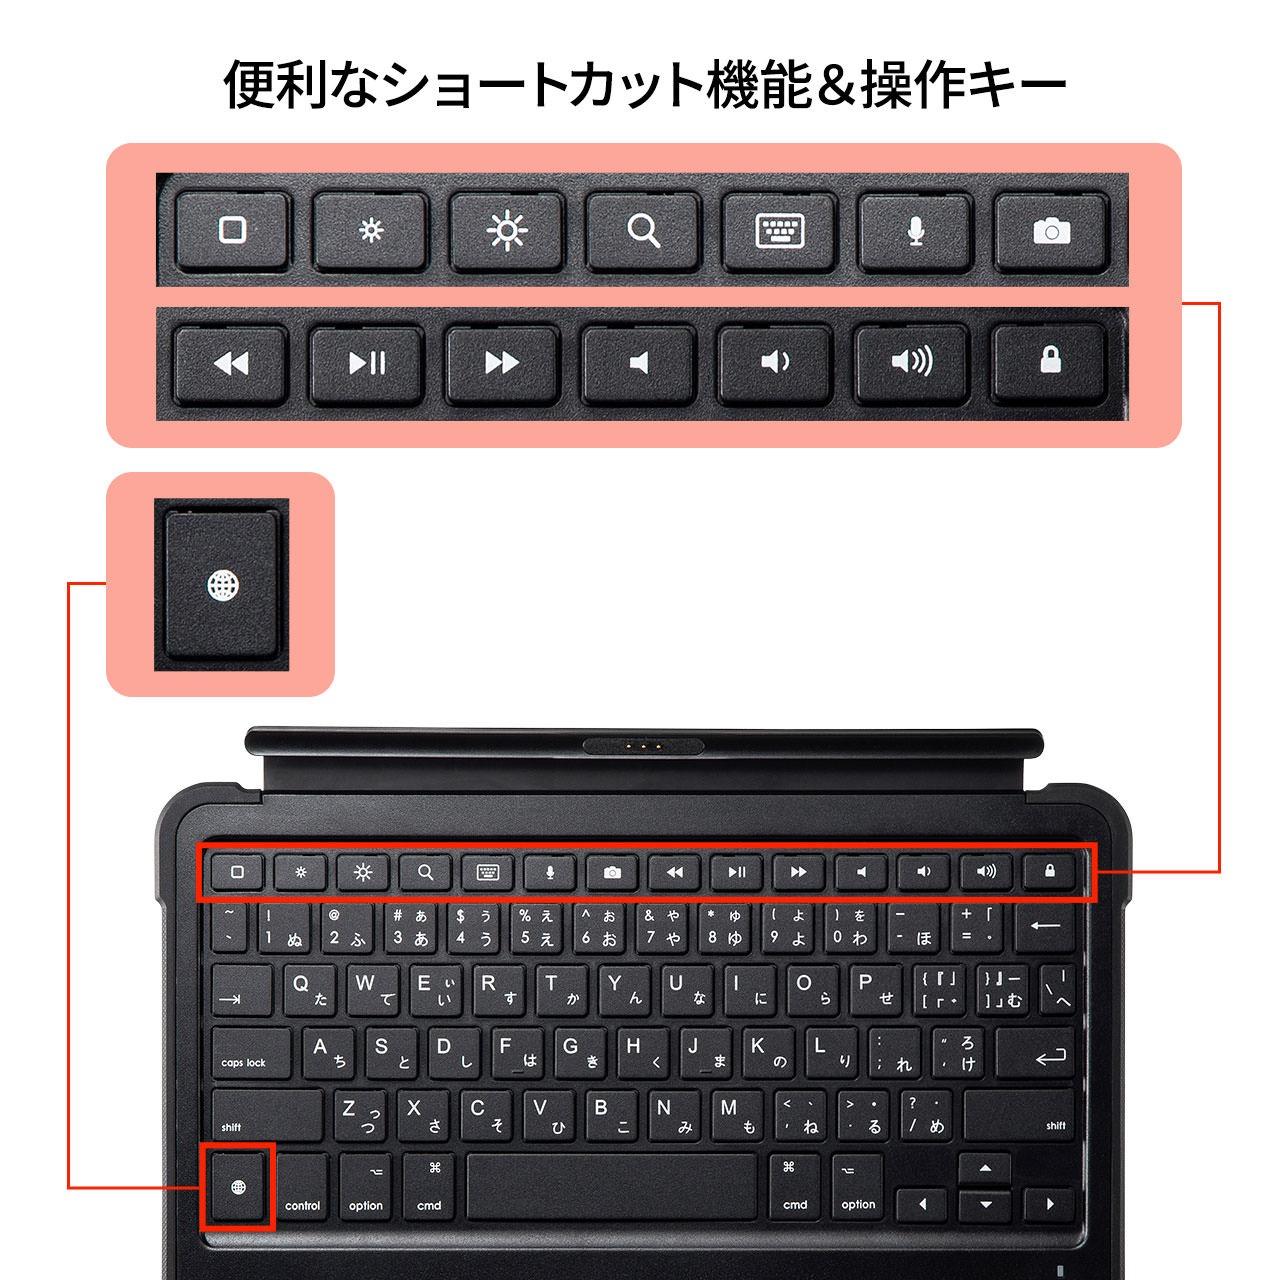 スマートコネクタに接続するだけで使える10.2インチiPad(第7/8世代)専用のケース付きキーボード「SKB-IP5BK」